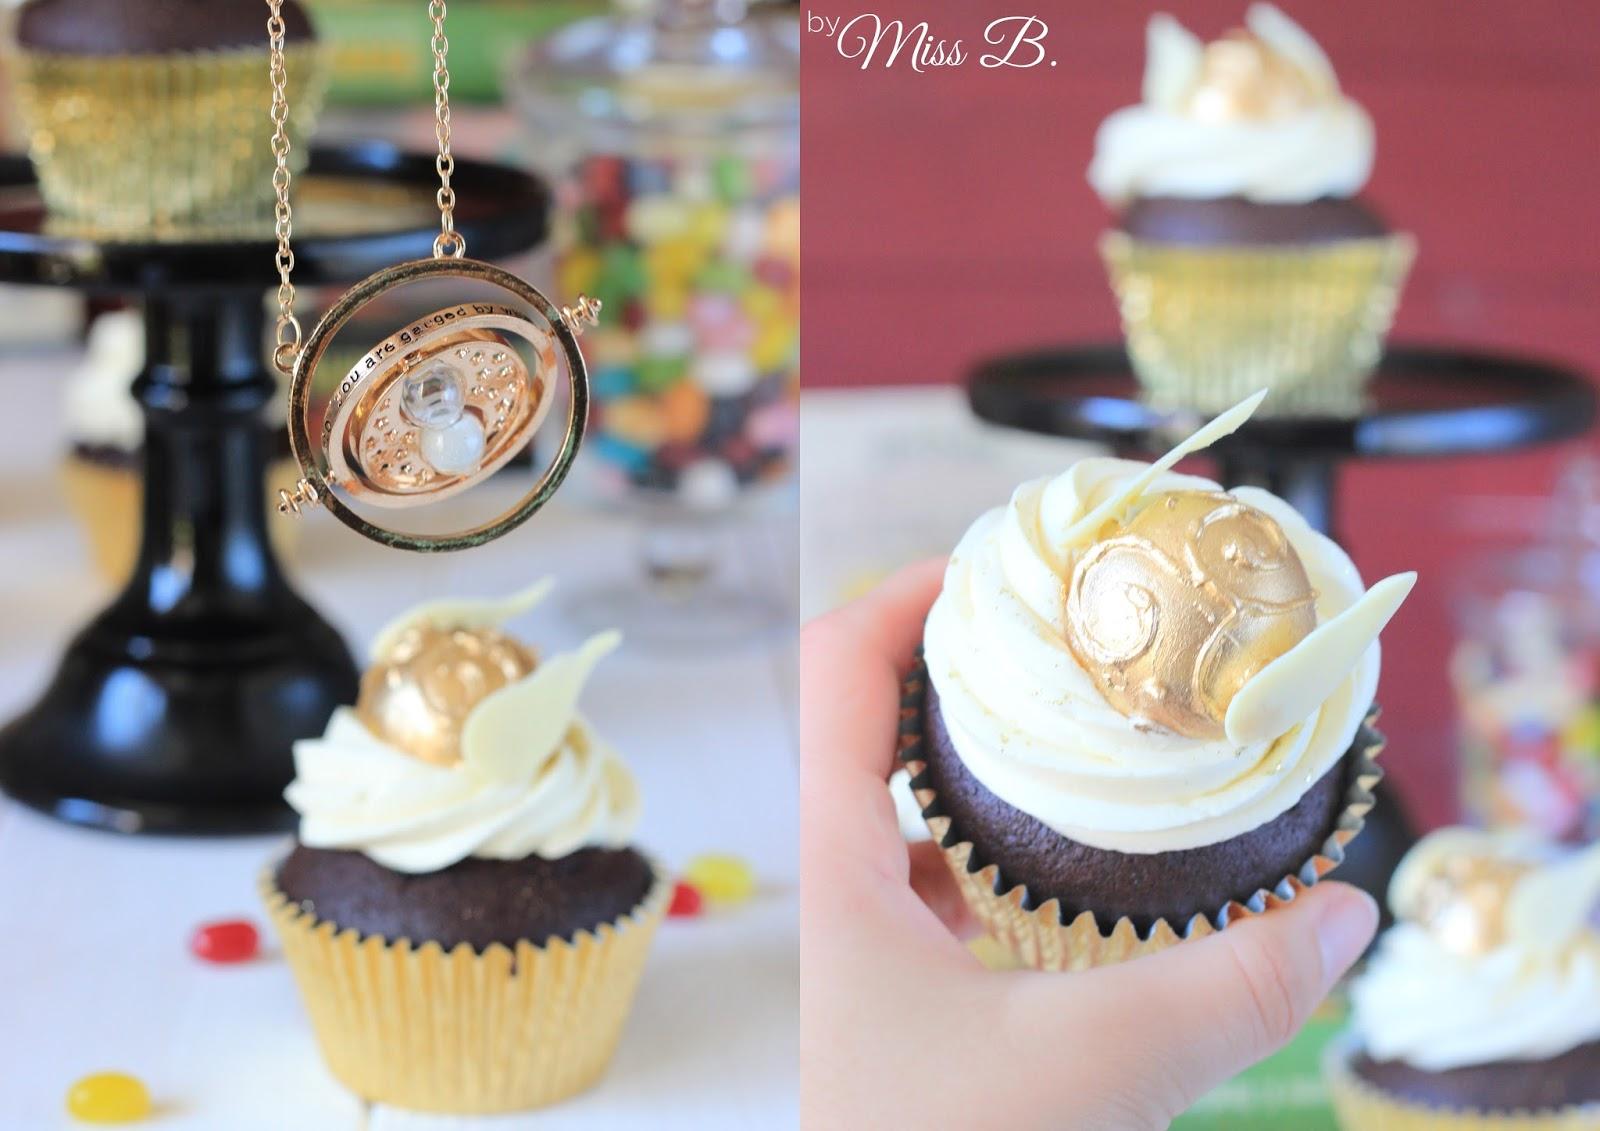 miss blueberrymuffin 39 s kitchen magische harry potter cupcakes goldener schnatz. Black Bedroom Furniture Sets. Home Design Ideas